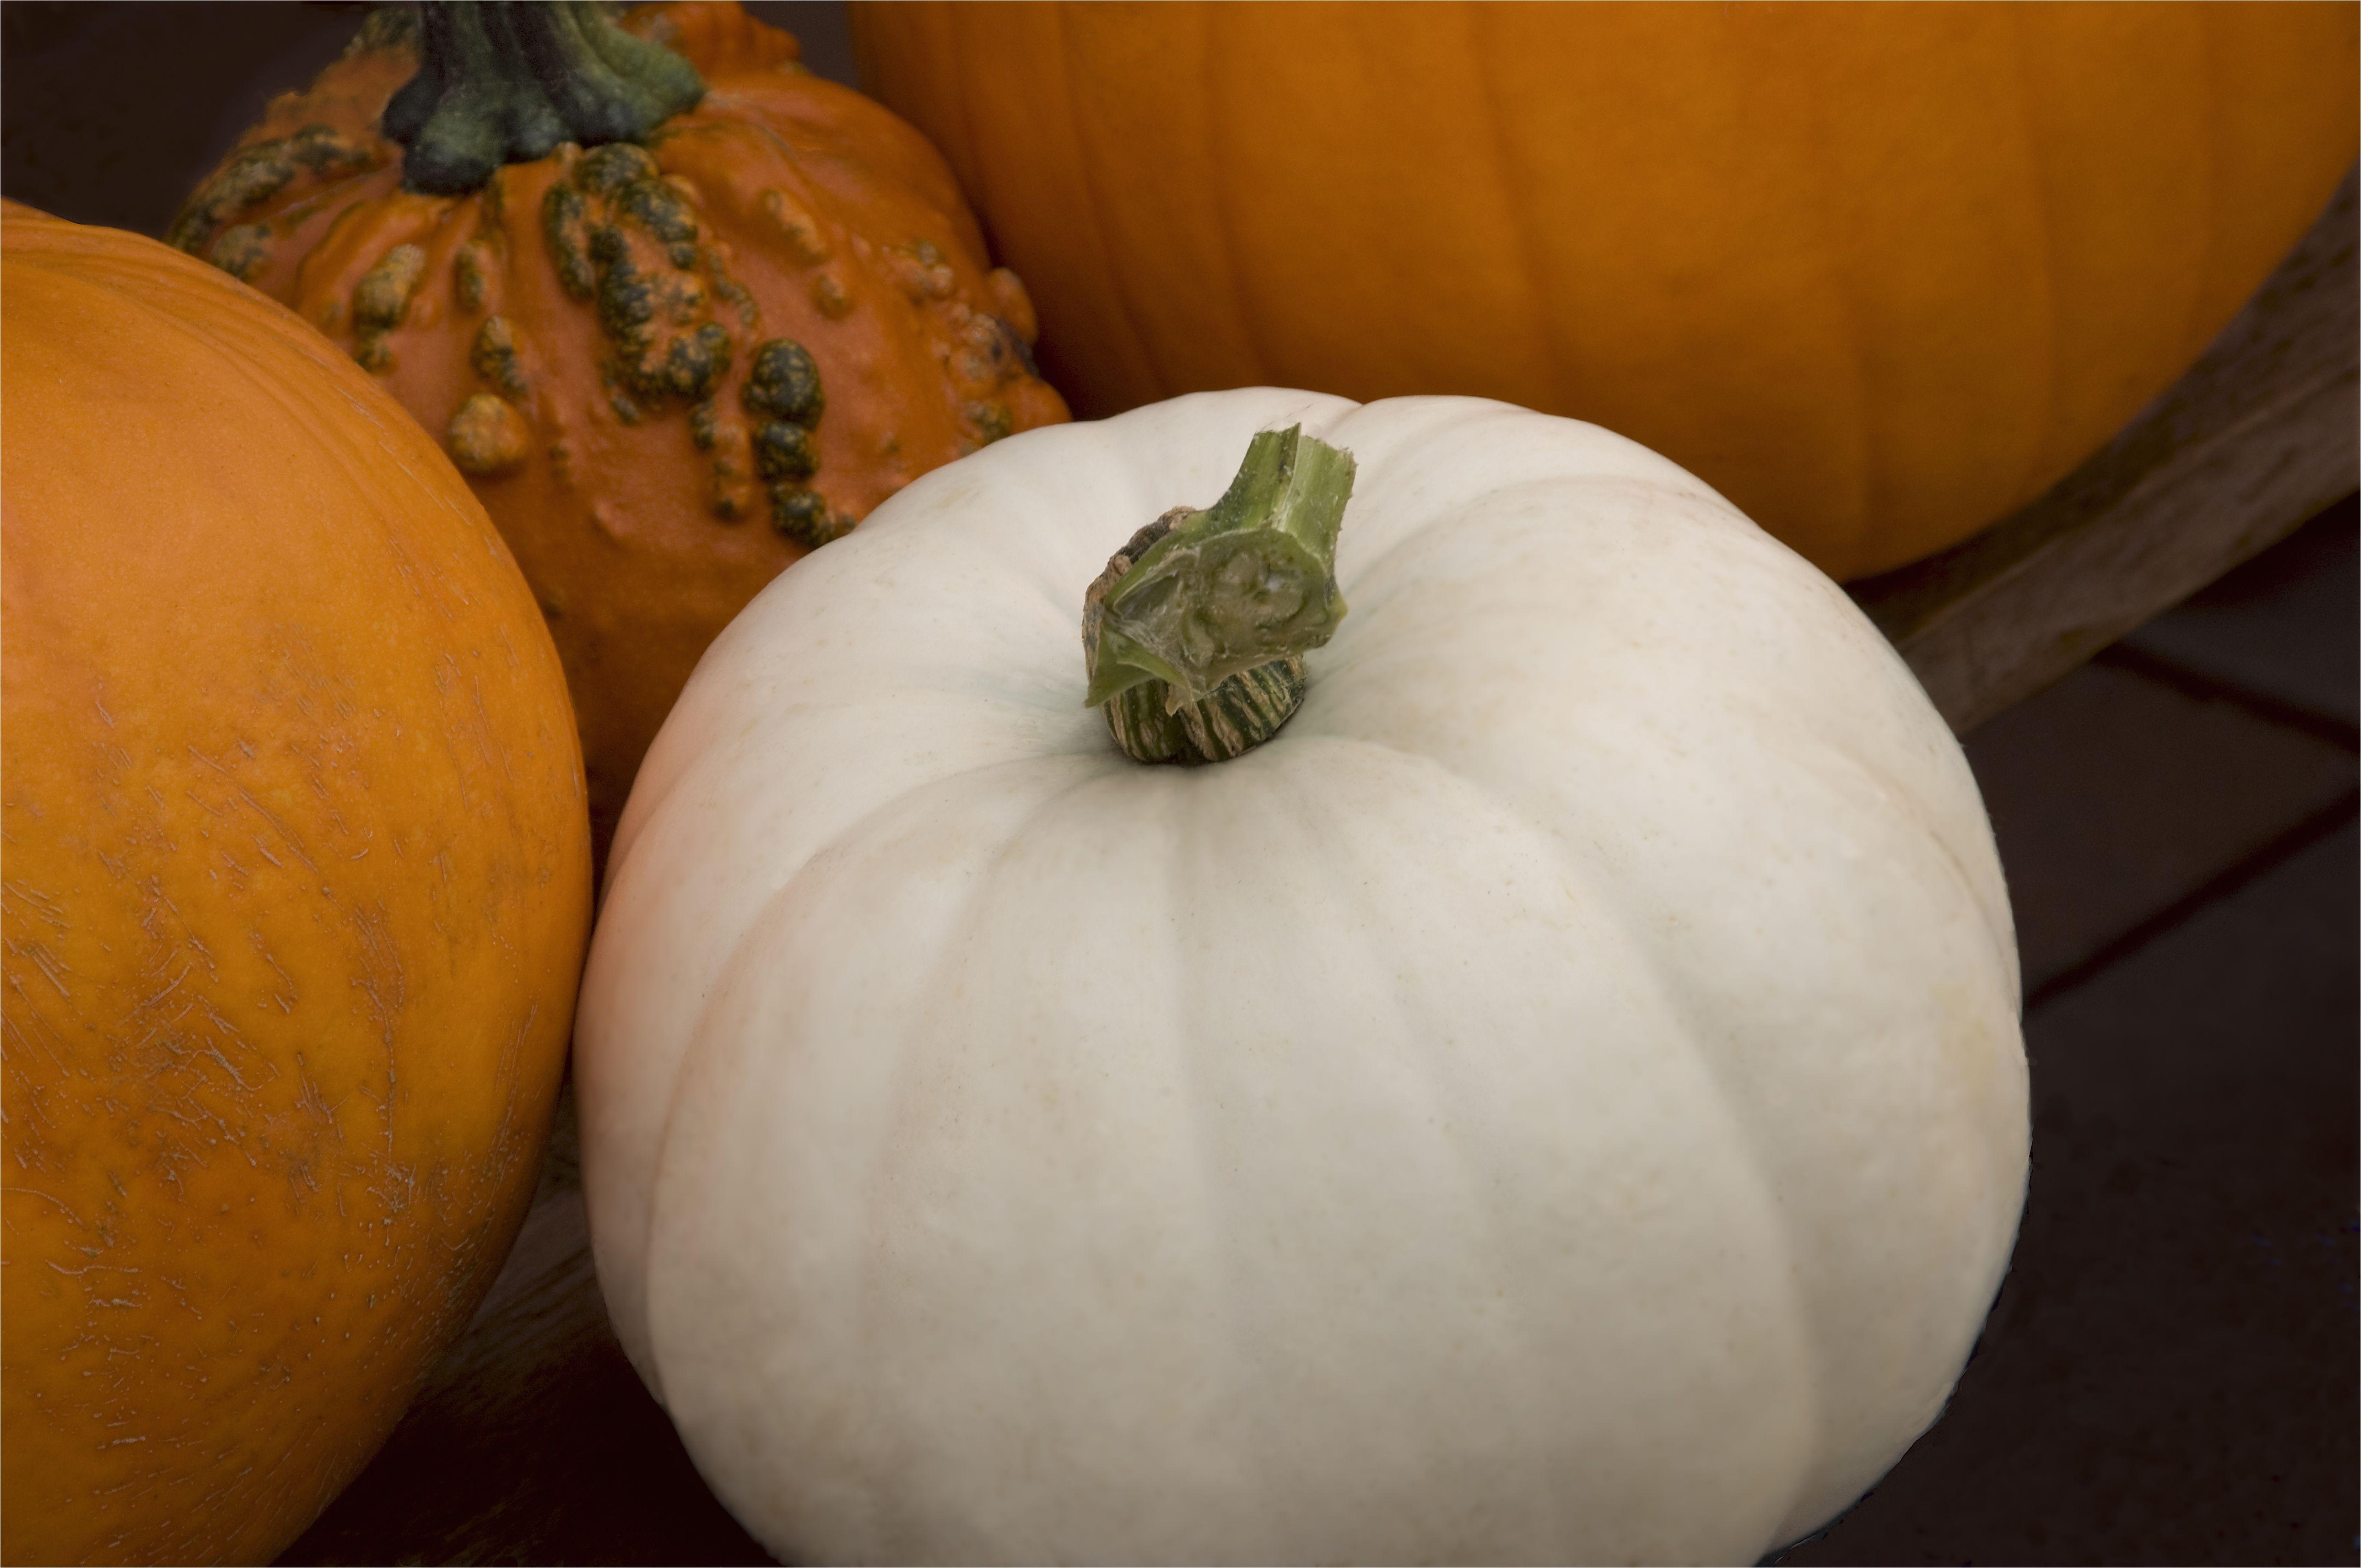 pumpkins 134432498 58fe97733df78ca1594a85a0 jpg